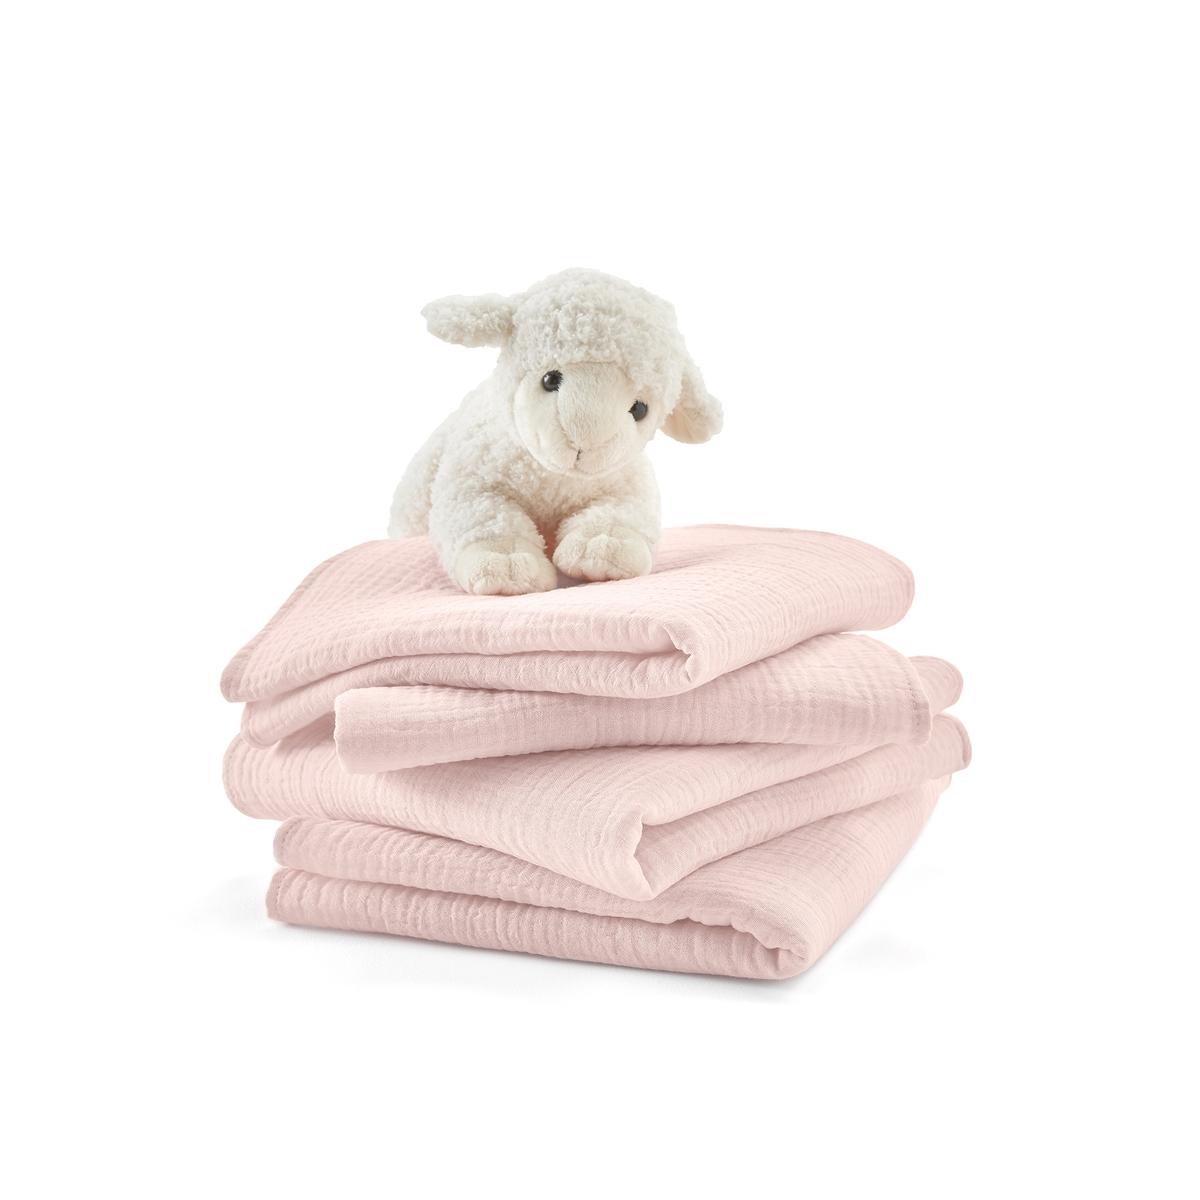 Комплект из 4 пеленок для LaRedoute Малышей из хлопчатобумажной газовой ткани Kumla единый размер розовый